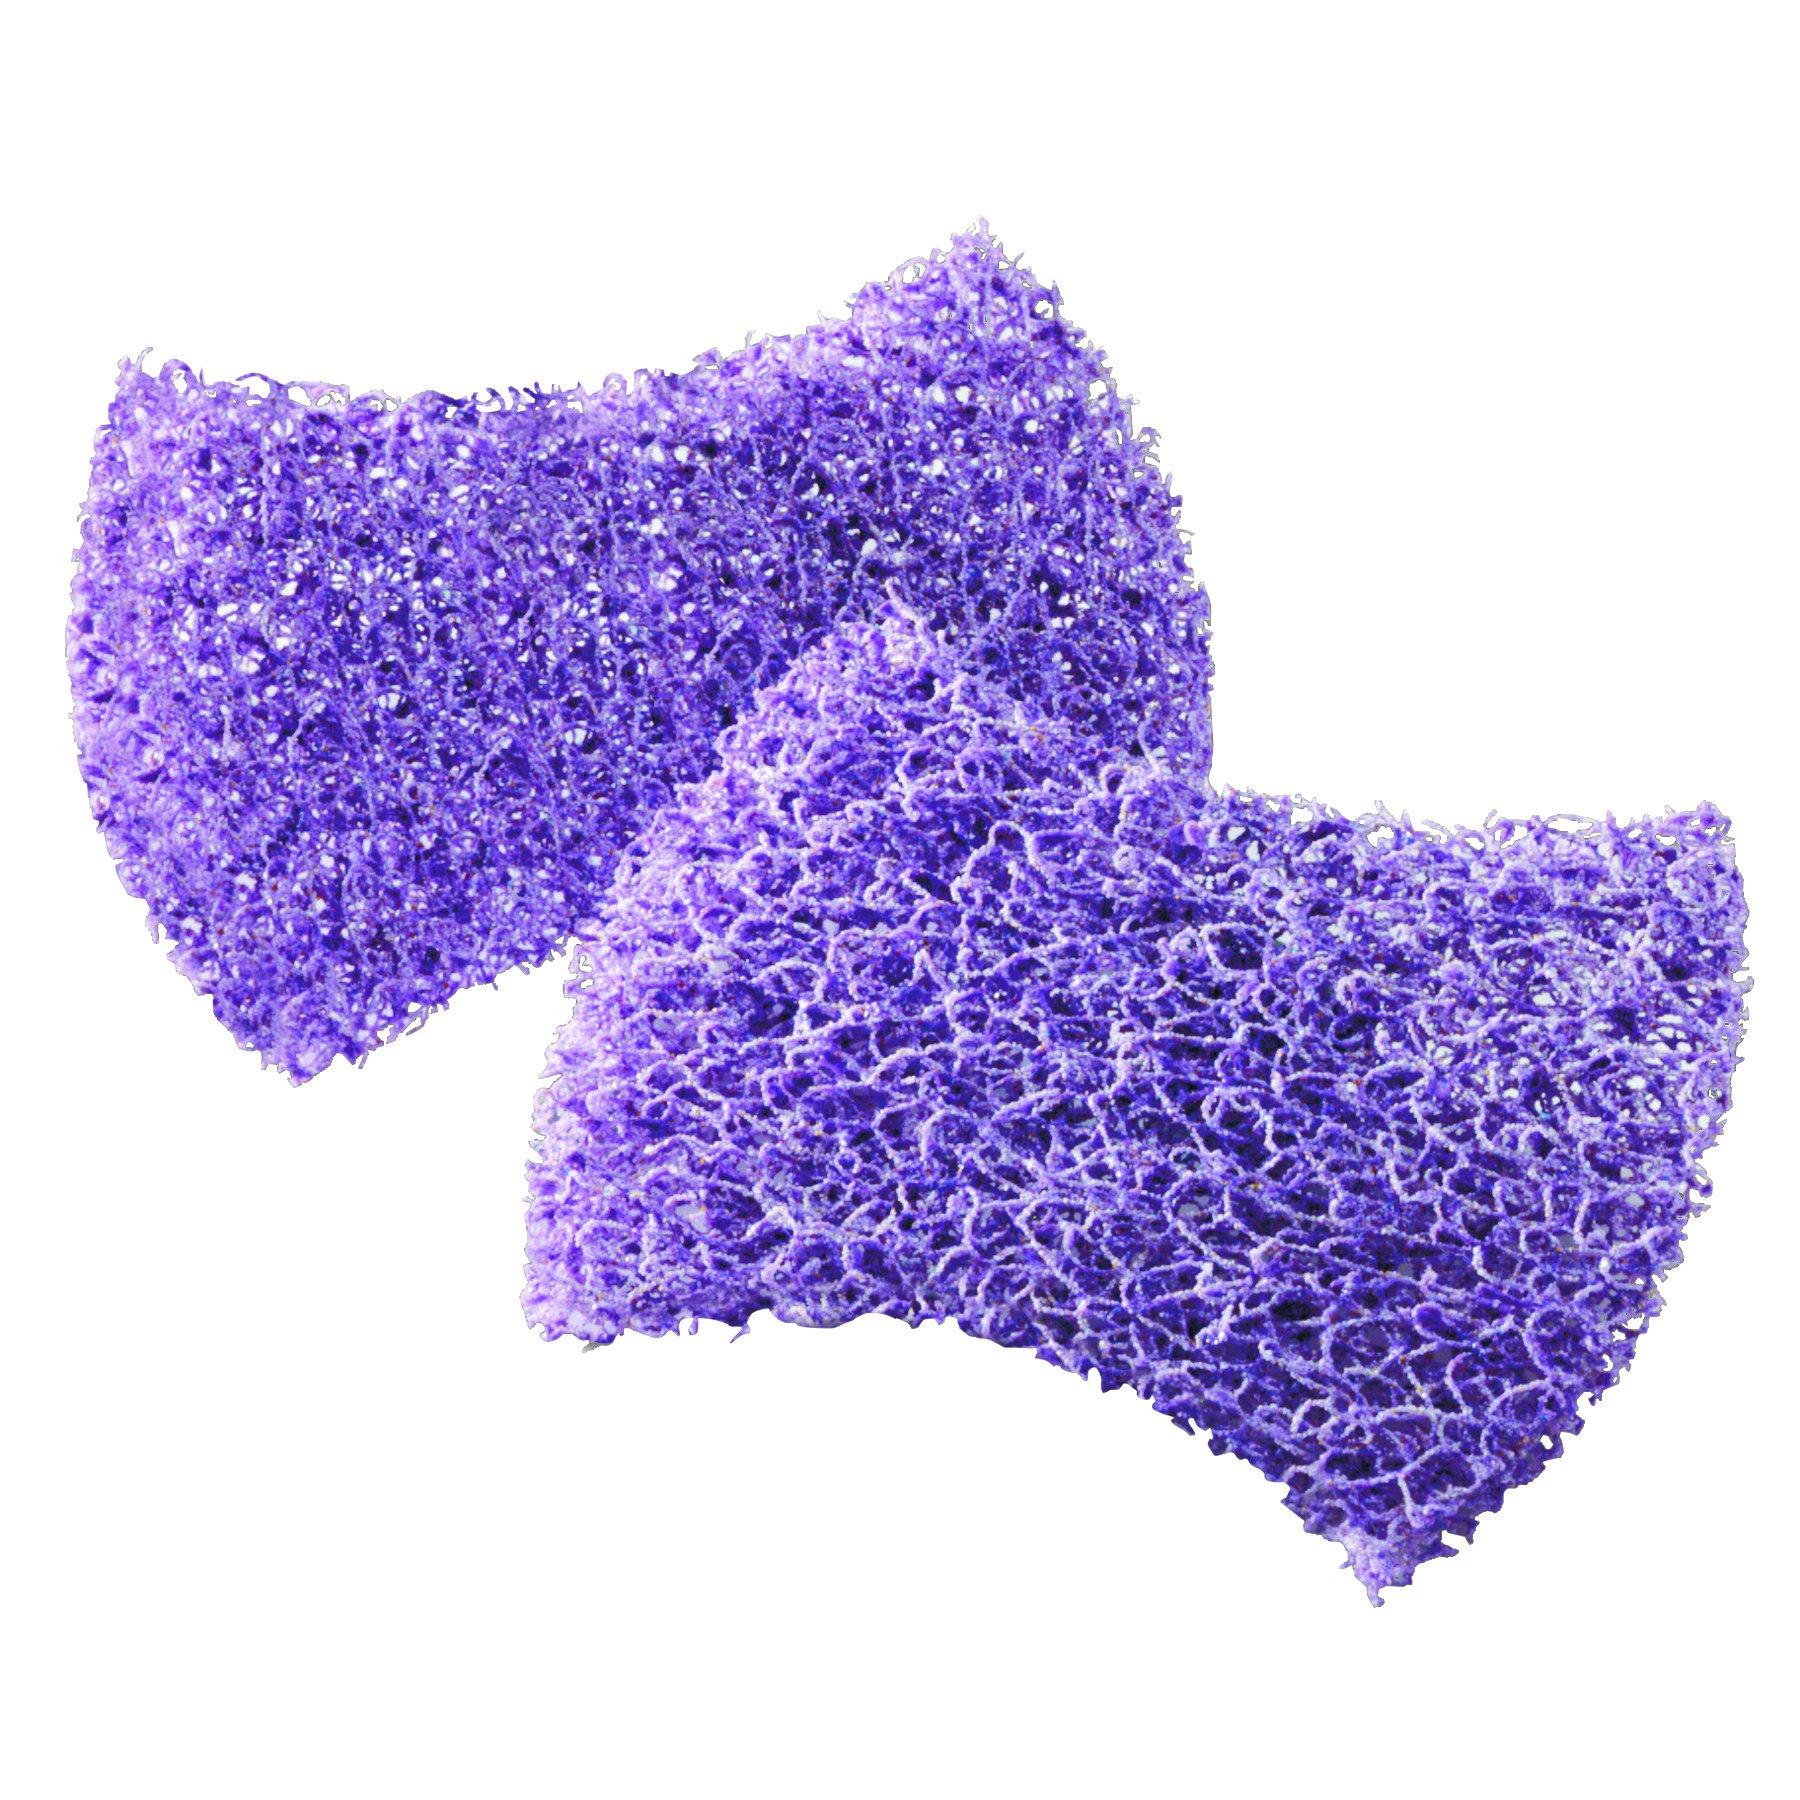 Scotch-Brite PROFESSIONAL 59033 Scour Pad, 2 3/4 x 4 1/2, Purple, 4 per Pack (Case of 6 Packs)